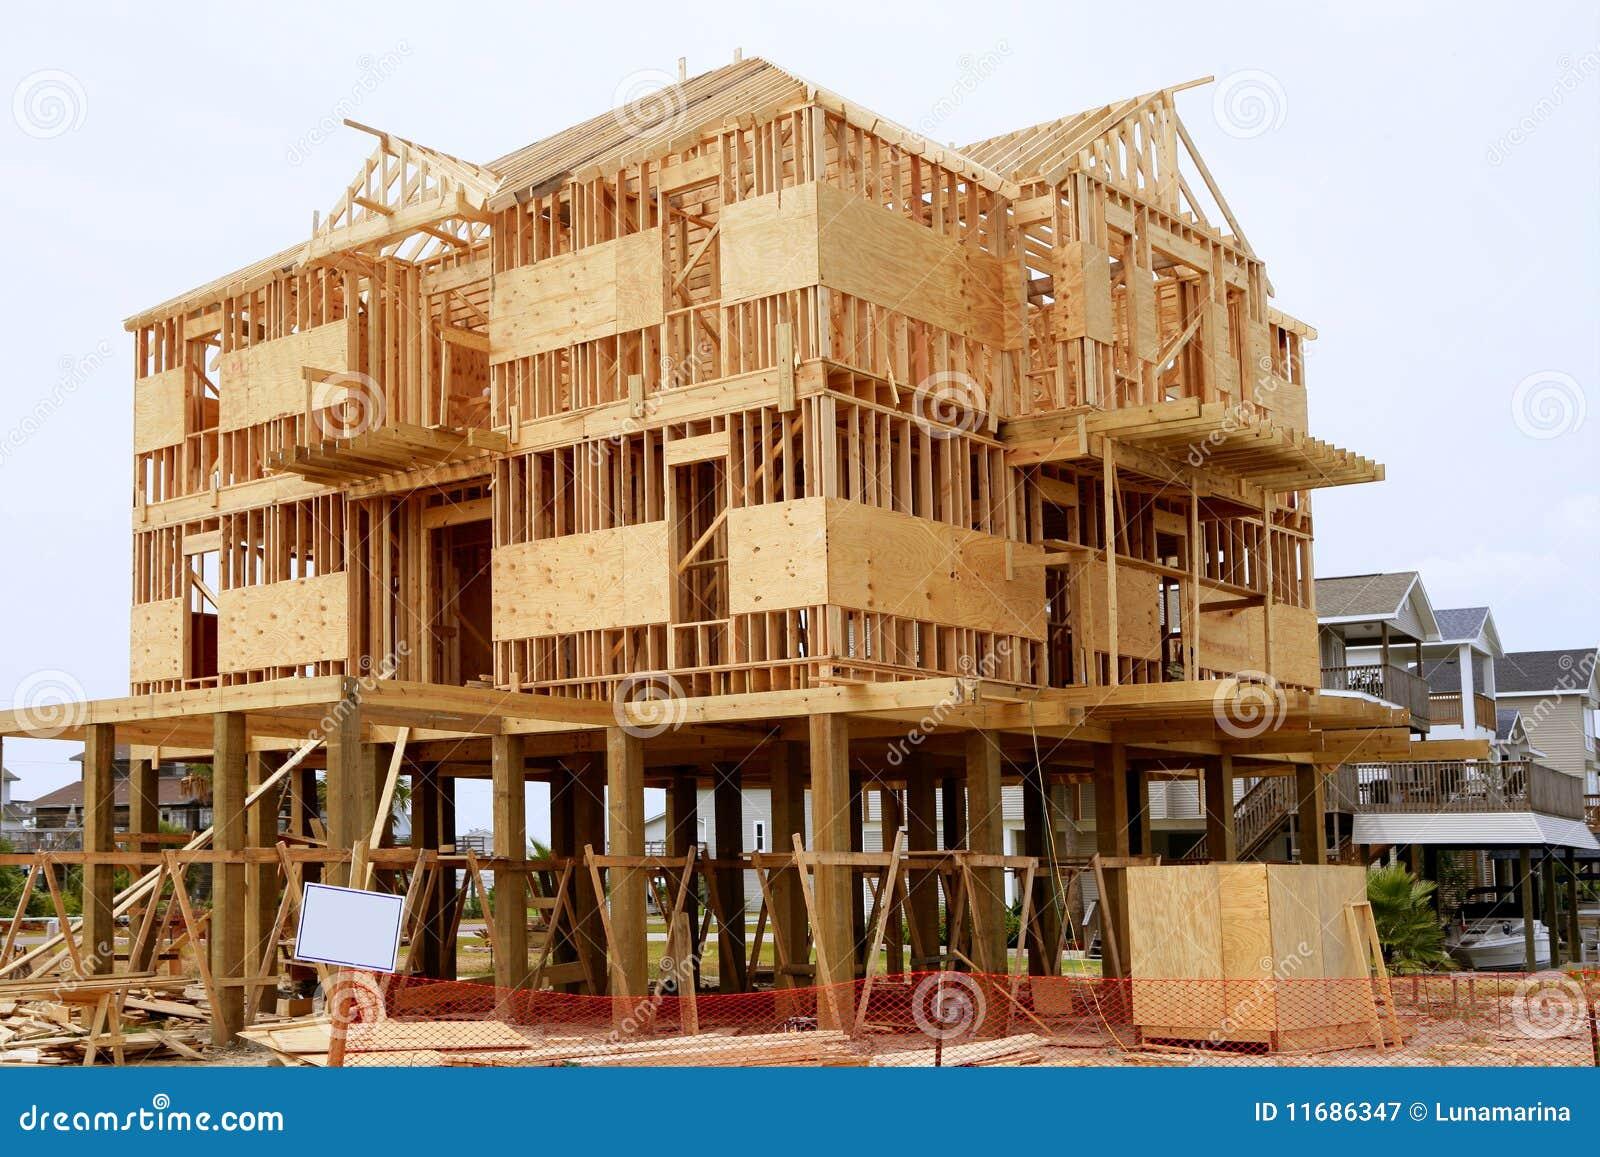 Contruction de la casa de madera estructura de madera - Estructuras casas de madera ...